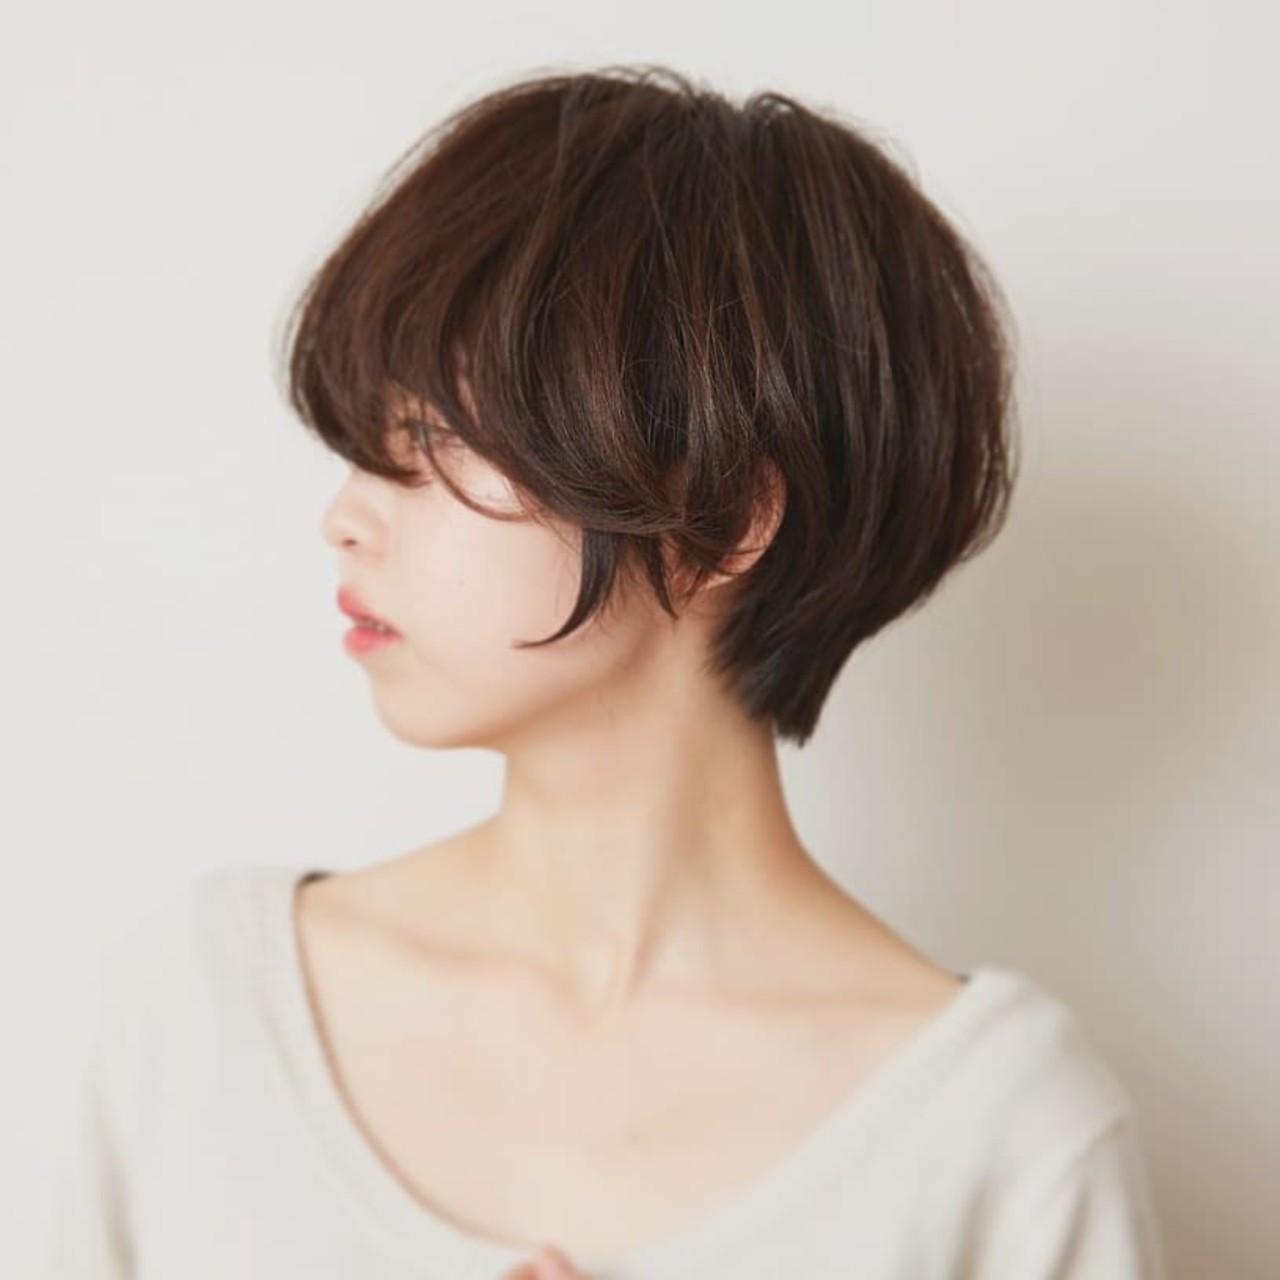 ヘアアレンジ デート 大人女子 小顔 ヘアスタイルや髪型の写真・画像